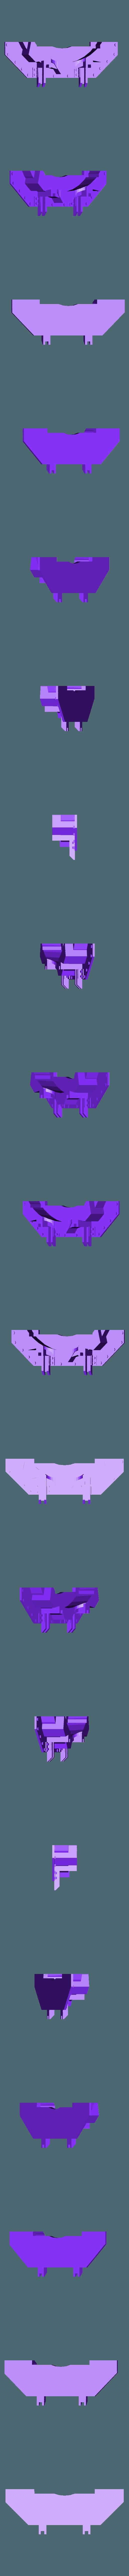 Bunker_roof_plate.stl Download free STL file Big Plasma Cannon Turret • 3D printing design, JtStrait72